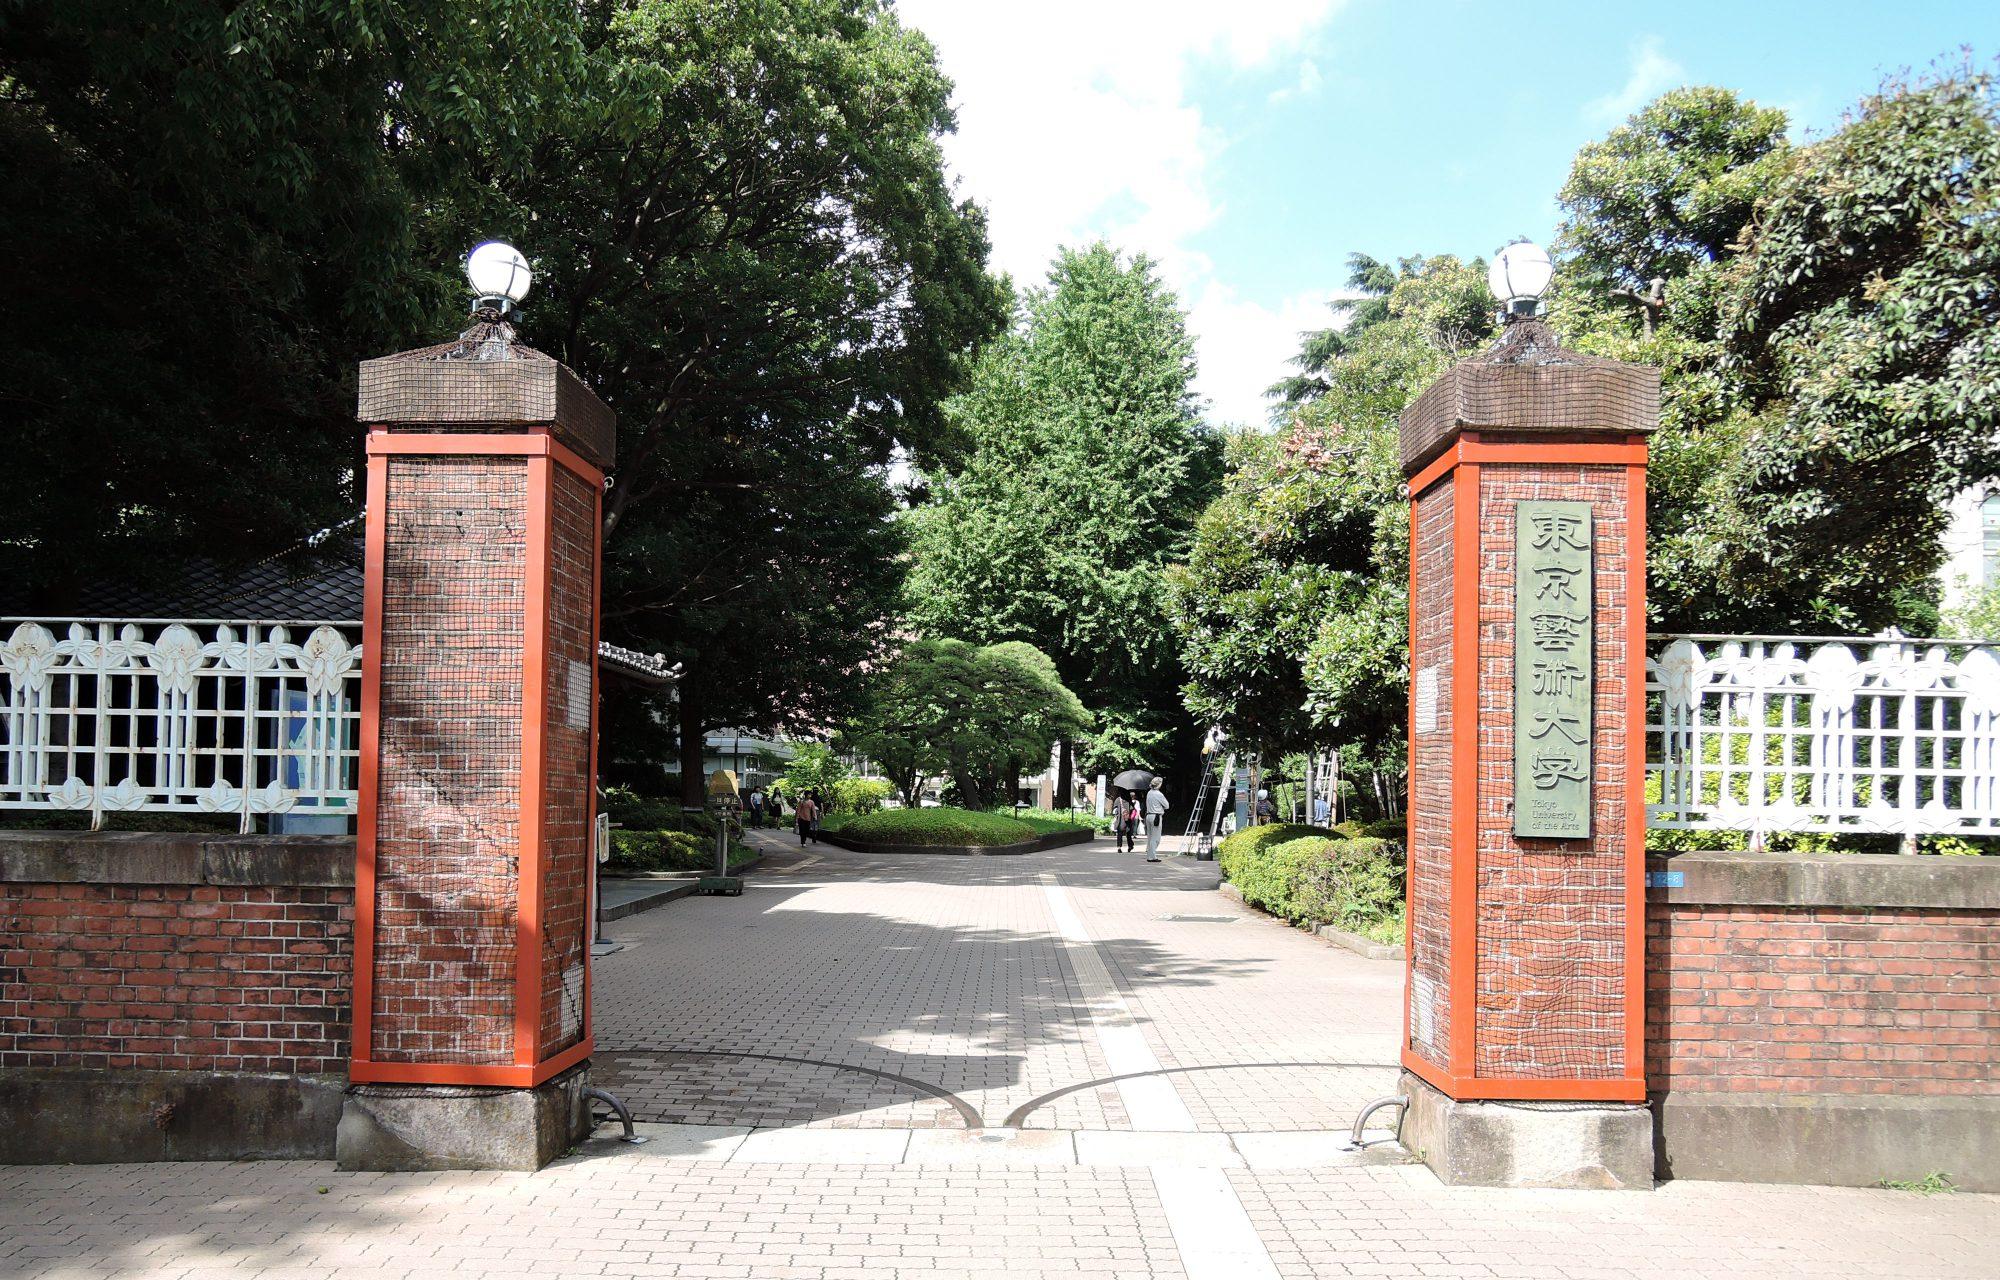 東京藝術大学正門再生プロジェクト